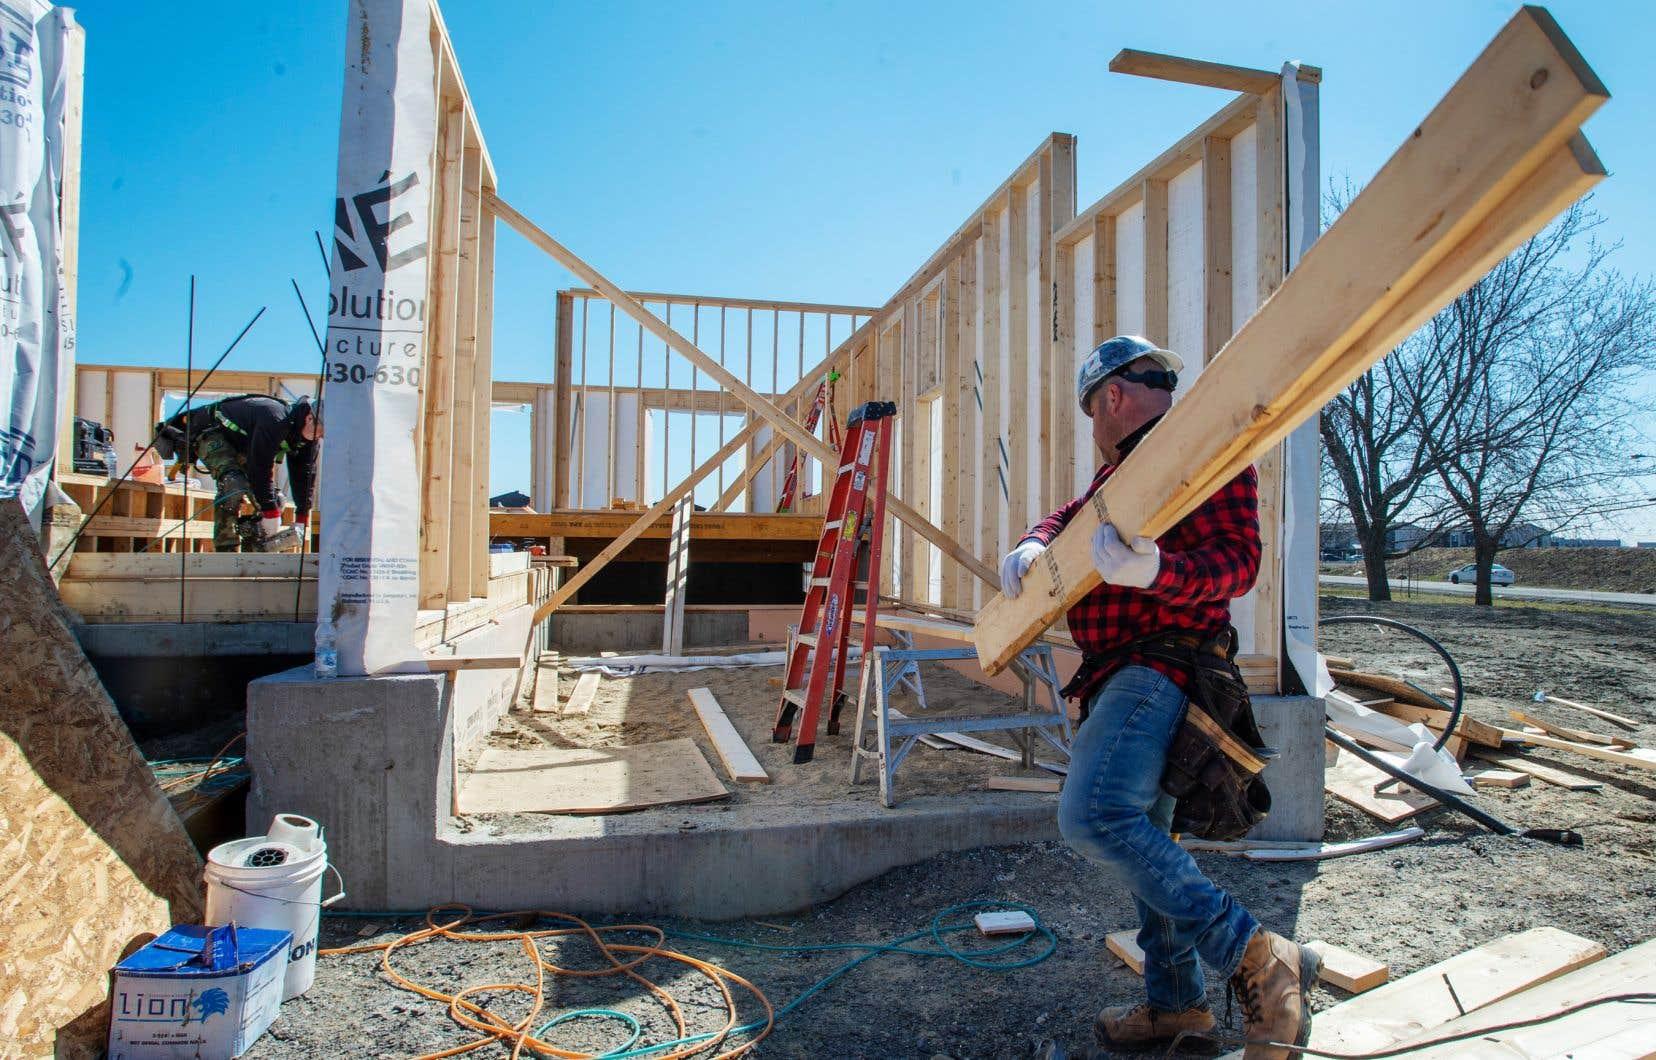 Deux recours portent sur des mesures visant, entre autres, à contrer la pénurie de main-d'oeuvre dans l'industrie de la construction